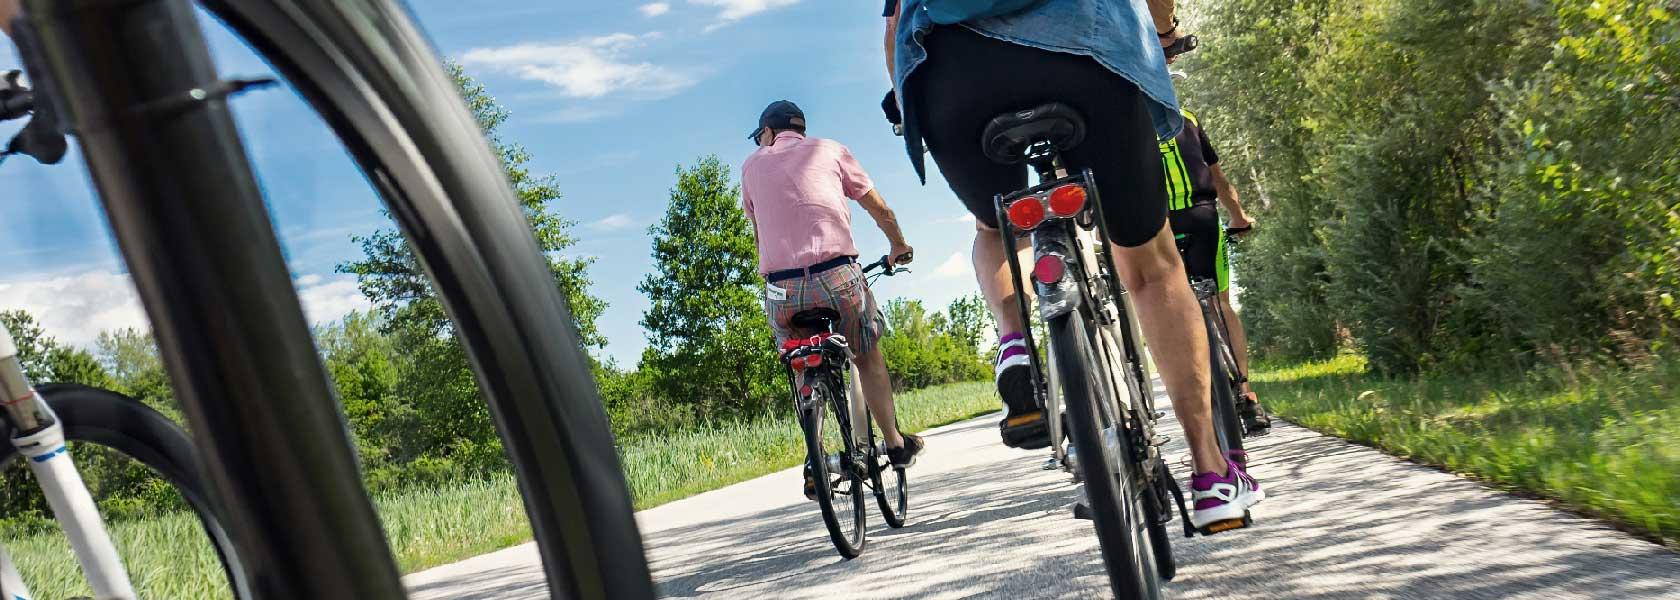 bike-camping-fano-marche